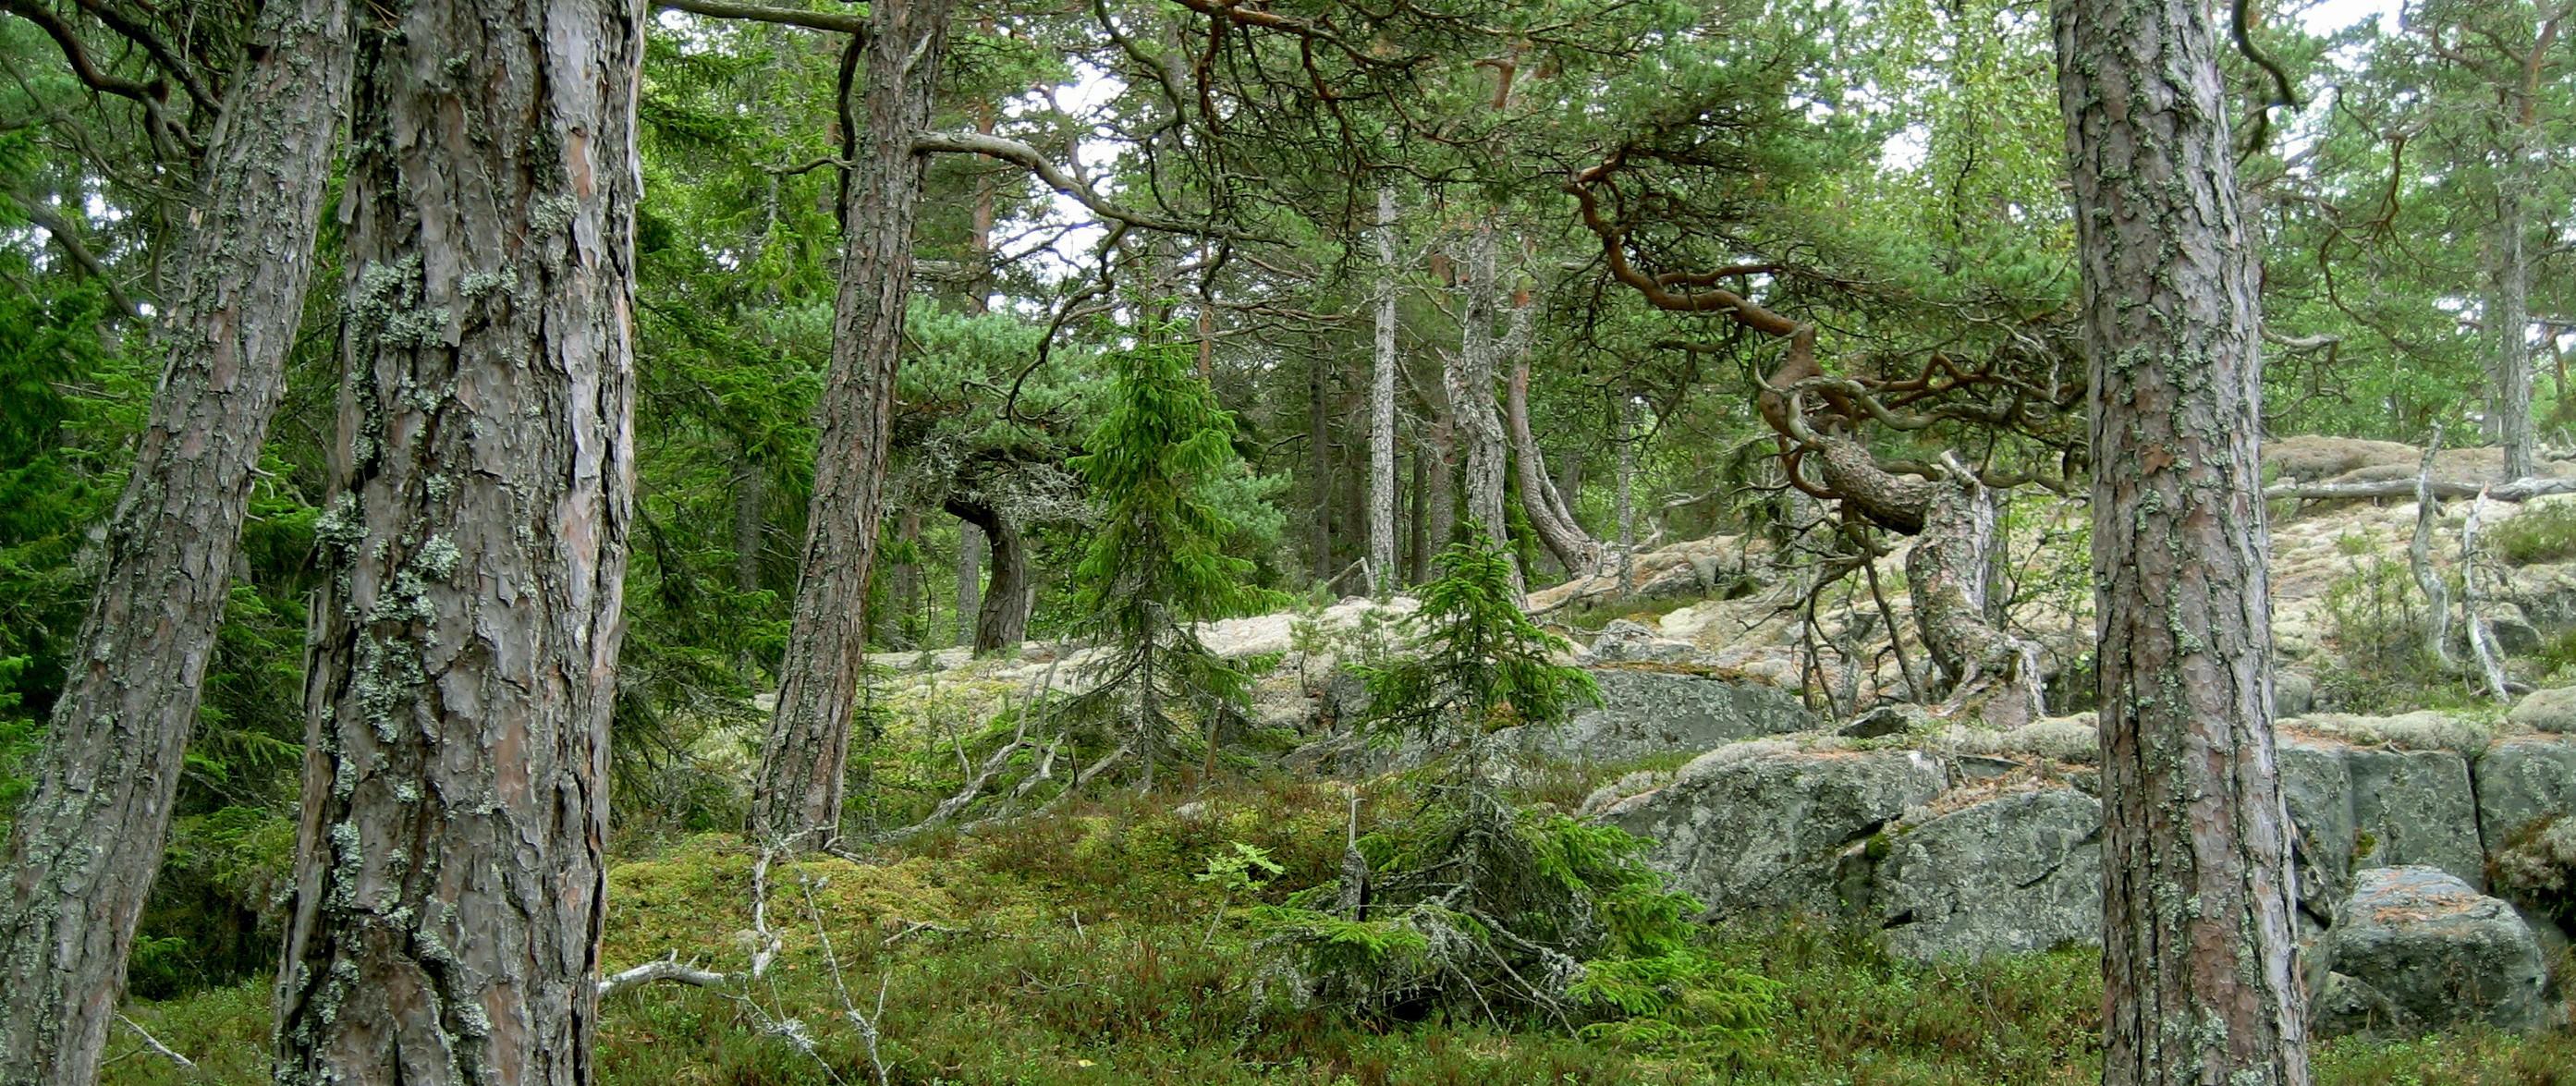 En hemsida om Göksnåres historia och utveckling genom tiden - Ta del av berättelser och bilder från 1000-talet framåt